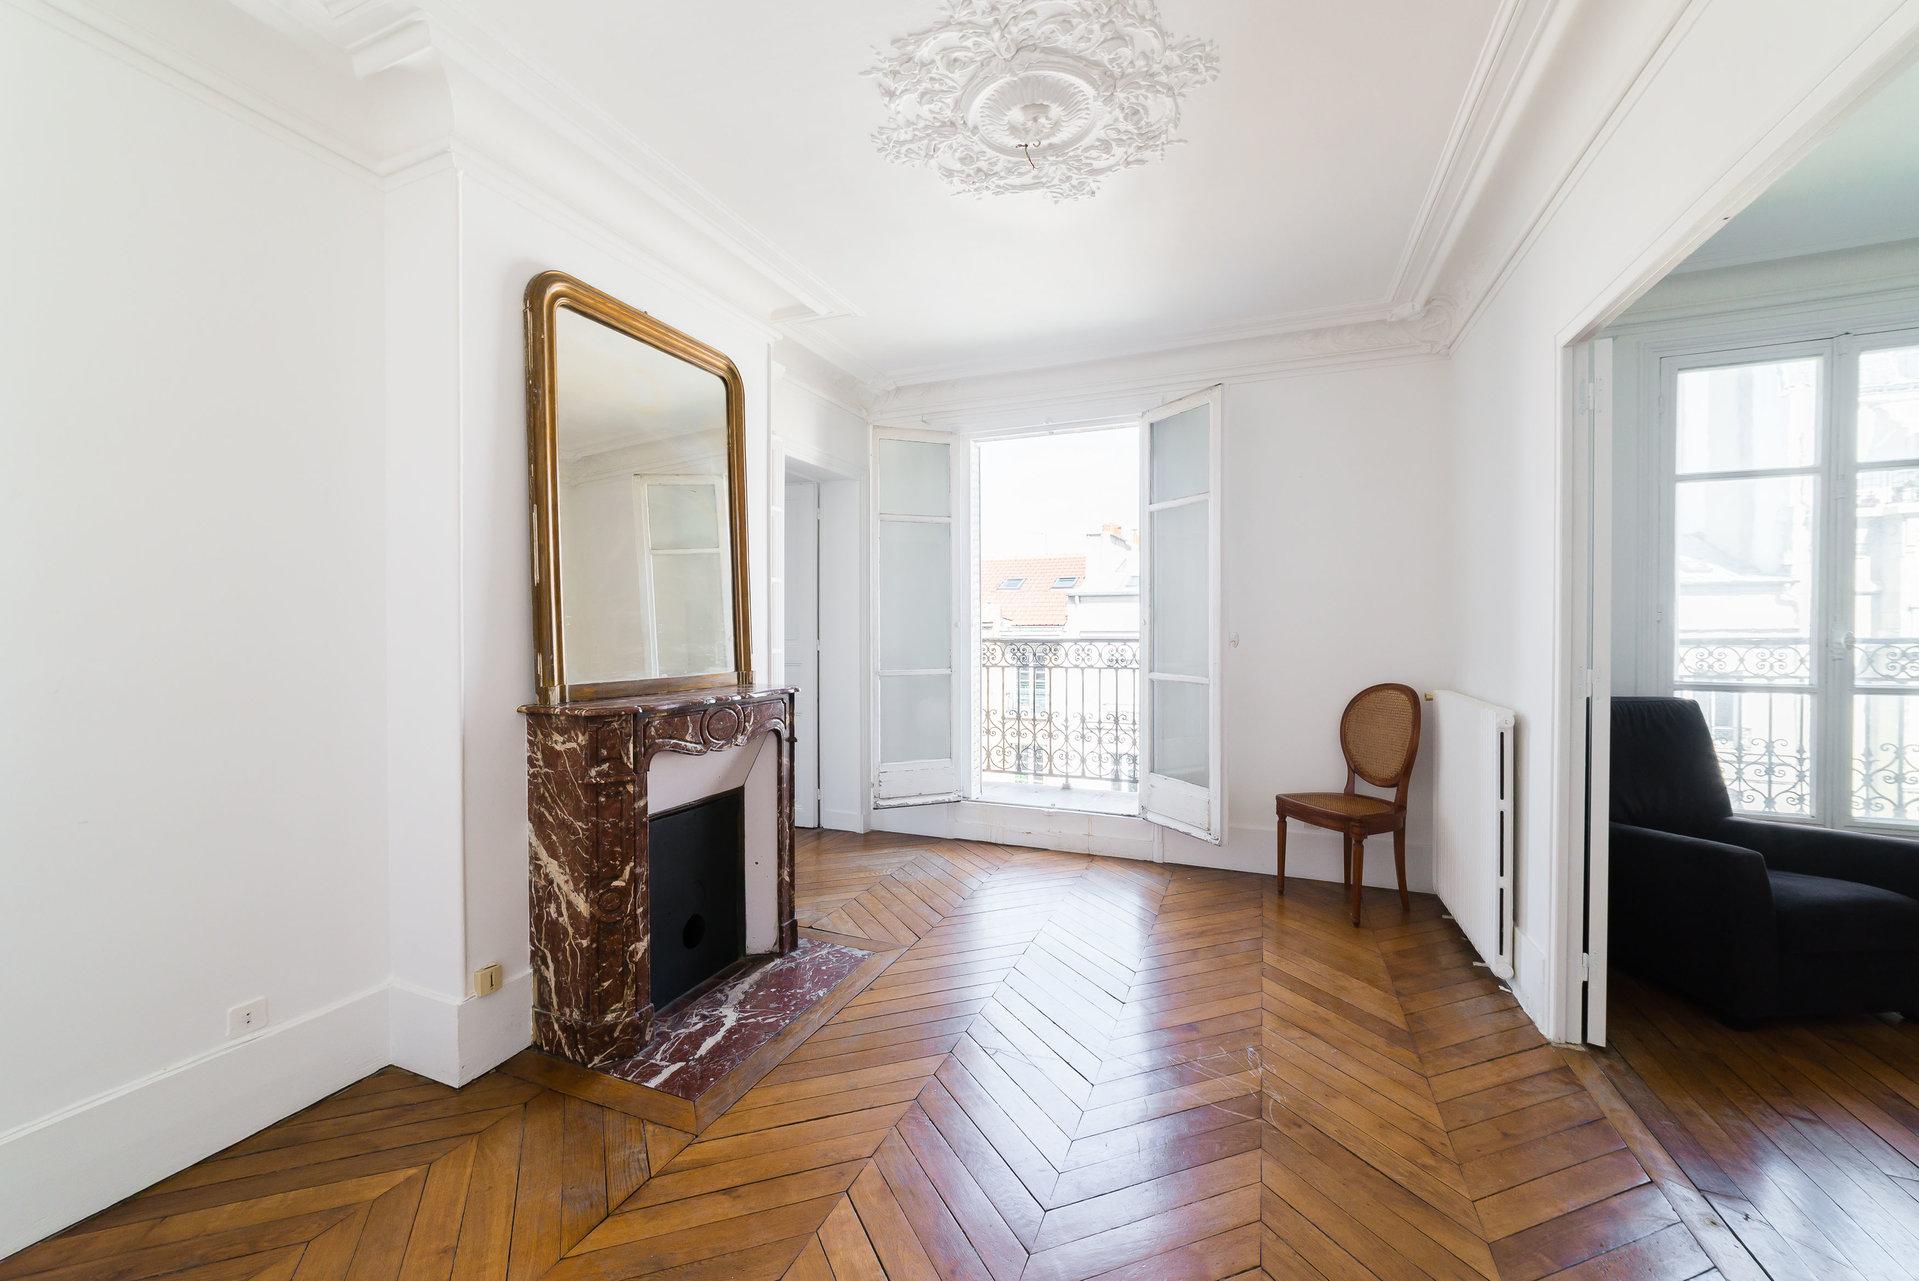 Продажа квартиры с видом на Эйфелеву башню, Париж